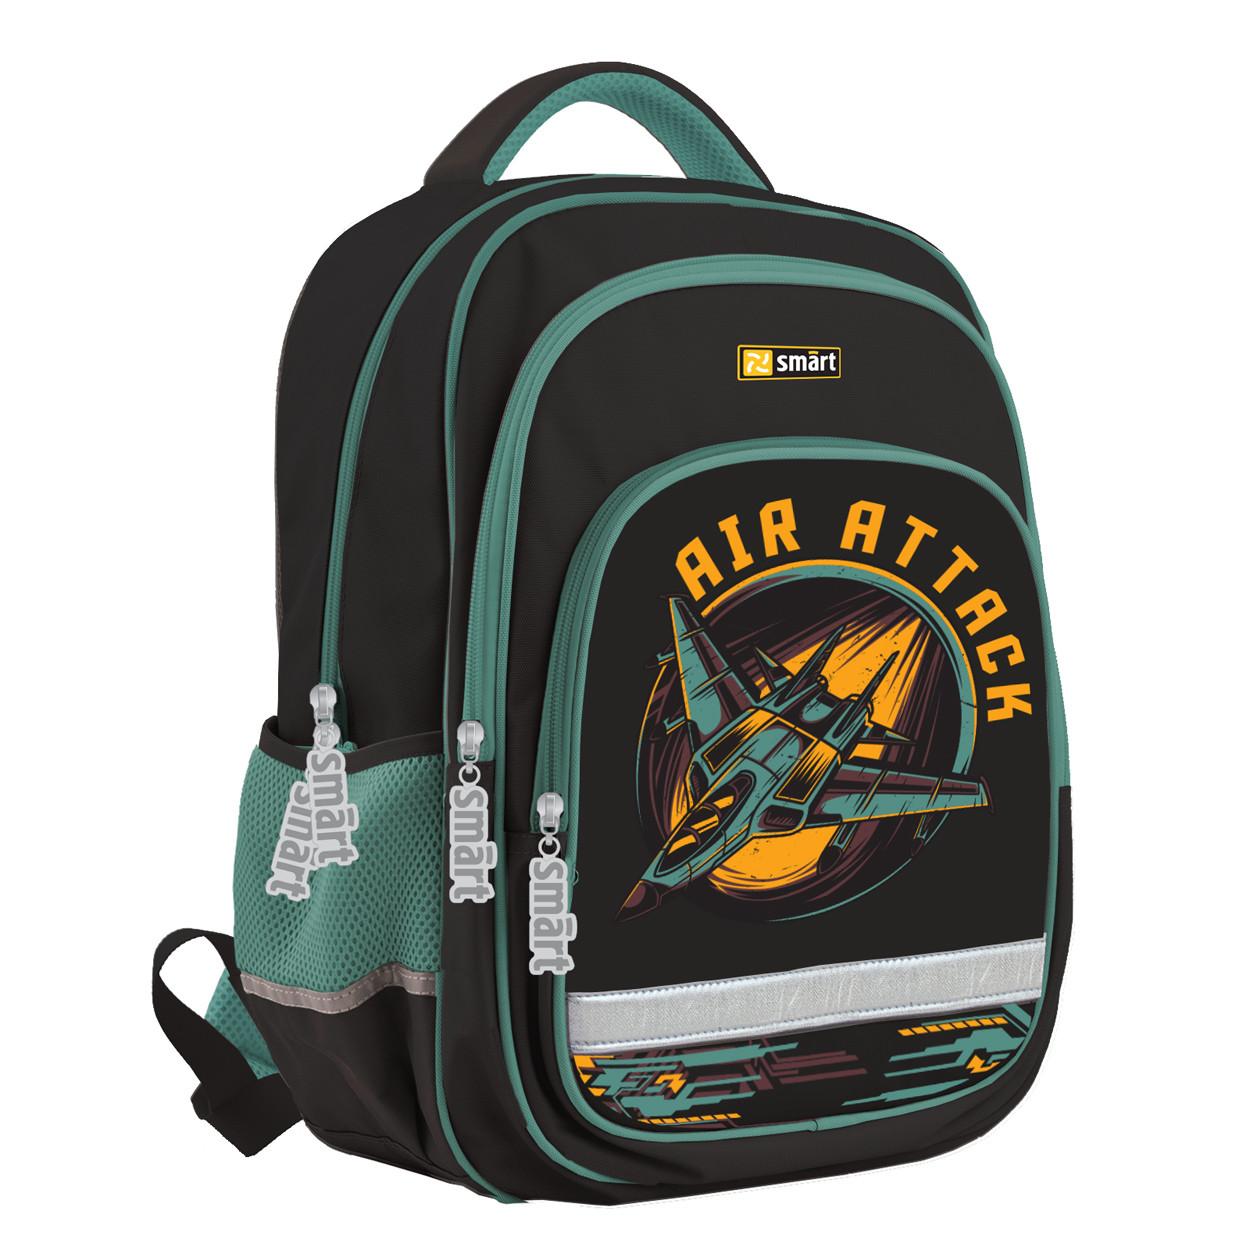 Школьный каркасный рюкзак с ортопедической спинкой SMART SM-05 Air Attack 42х30х13см Черный (558197)+Подарок 3 месяца пользования приложением